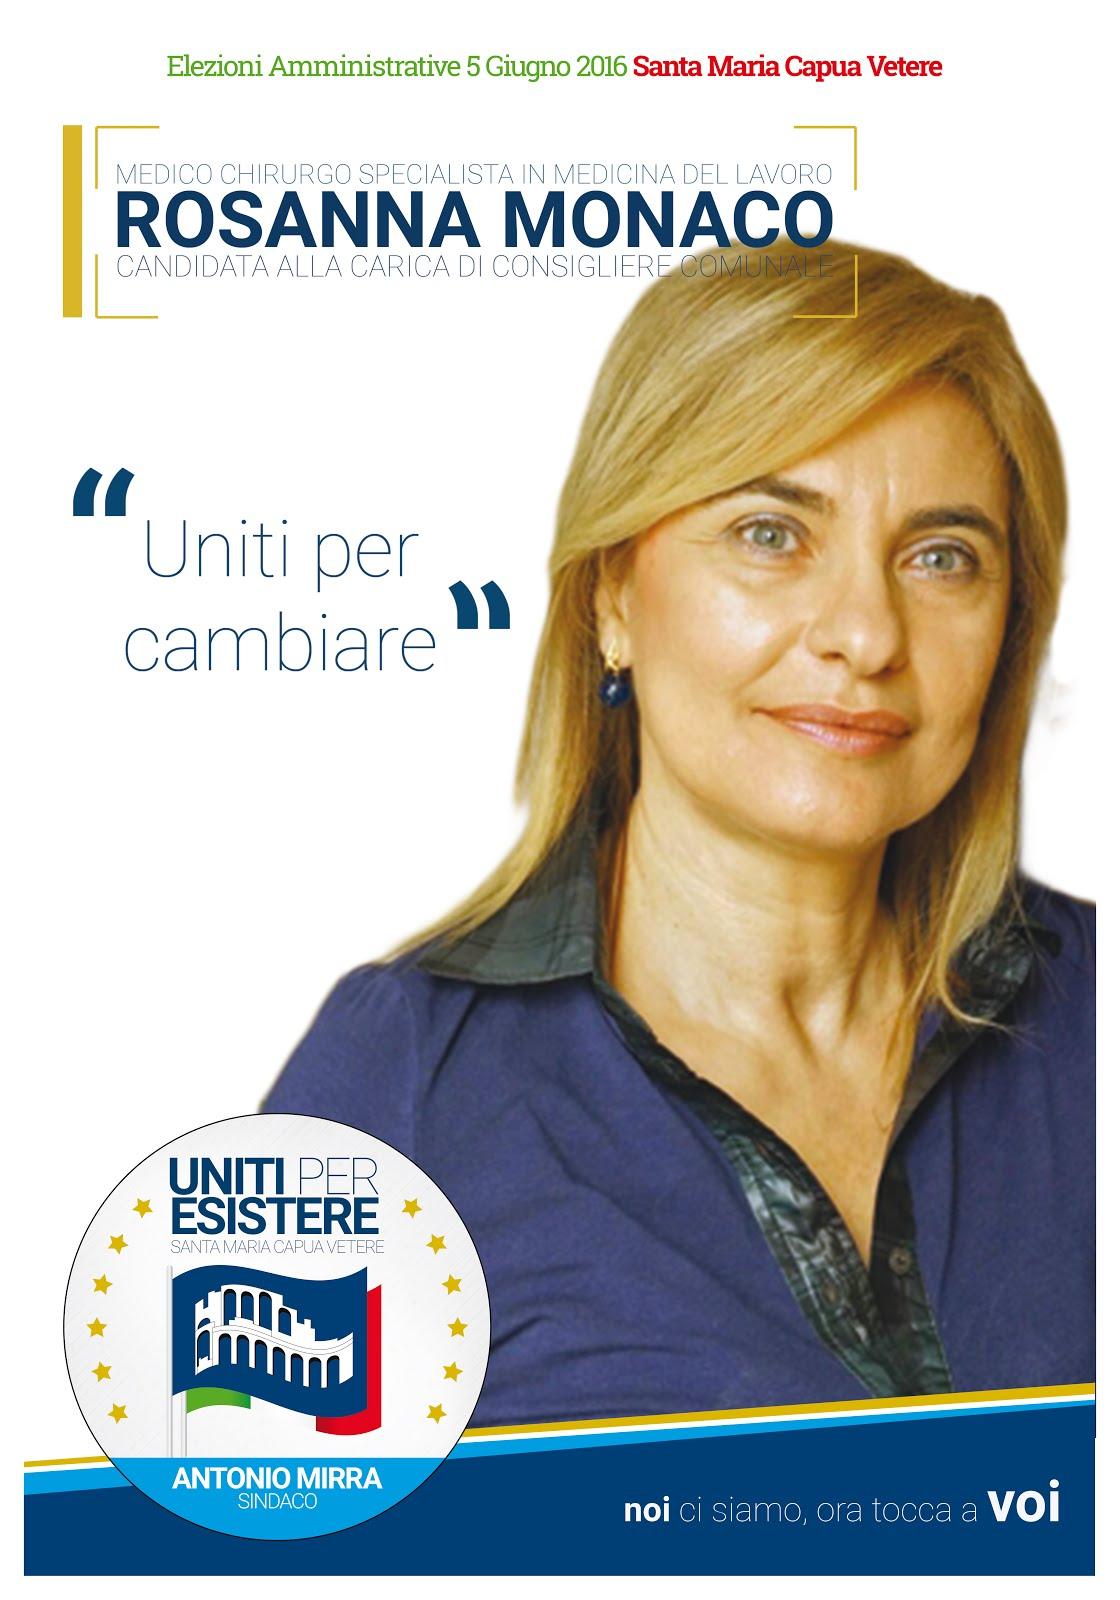 Notizie dal Rione Sant'Andrea in S.Maria Capua Vetere